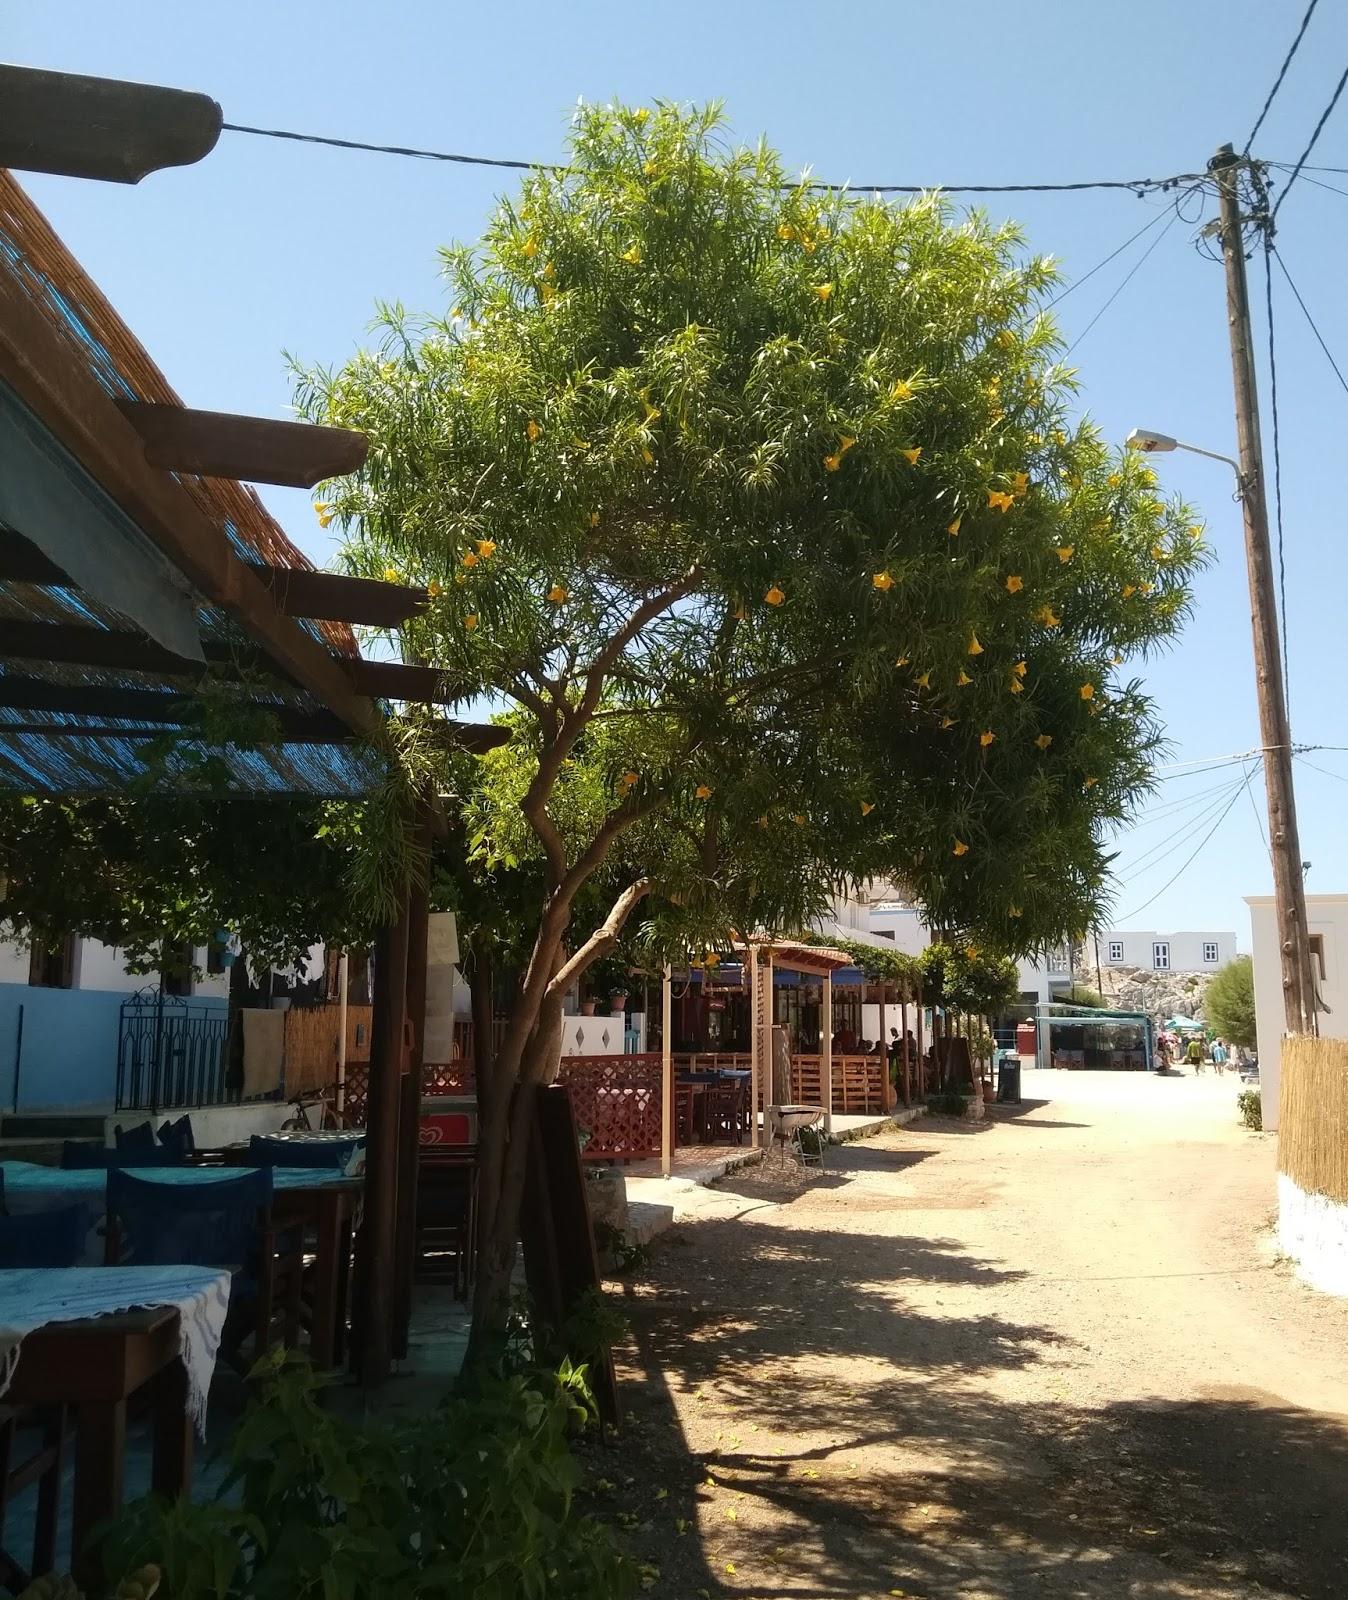 Kos Adası: Hipokrat Havaalanı misafirler için bekliyor 17